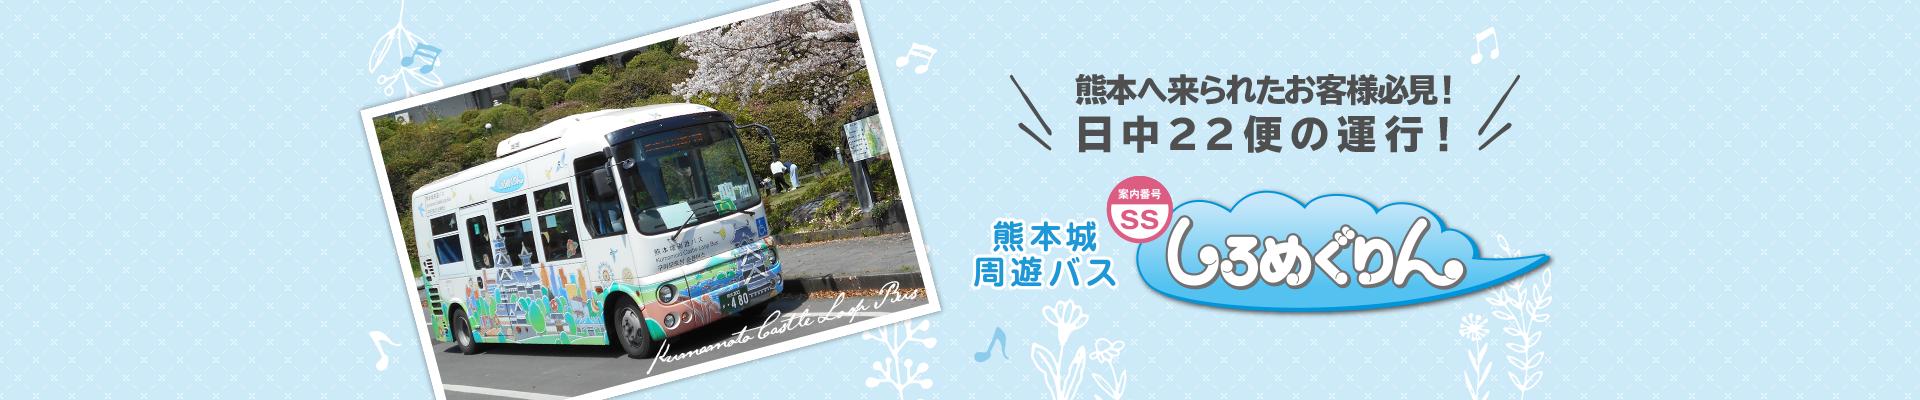 熊本城周遊バス「しろめぐりん」イメージ